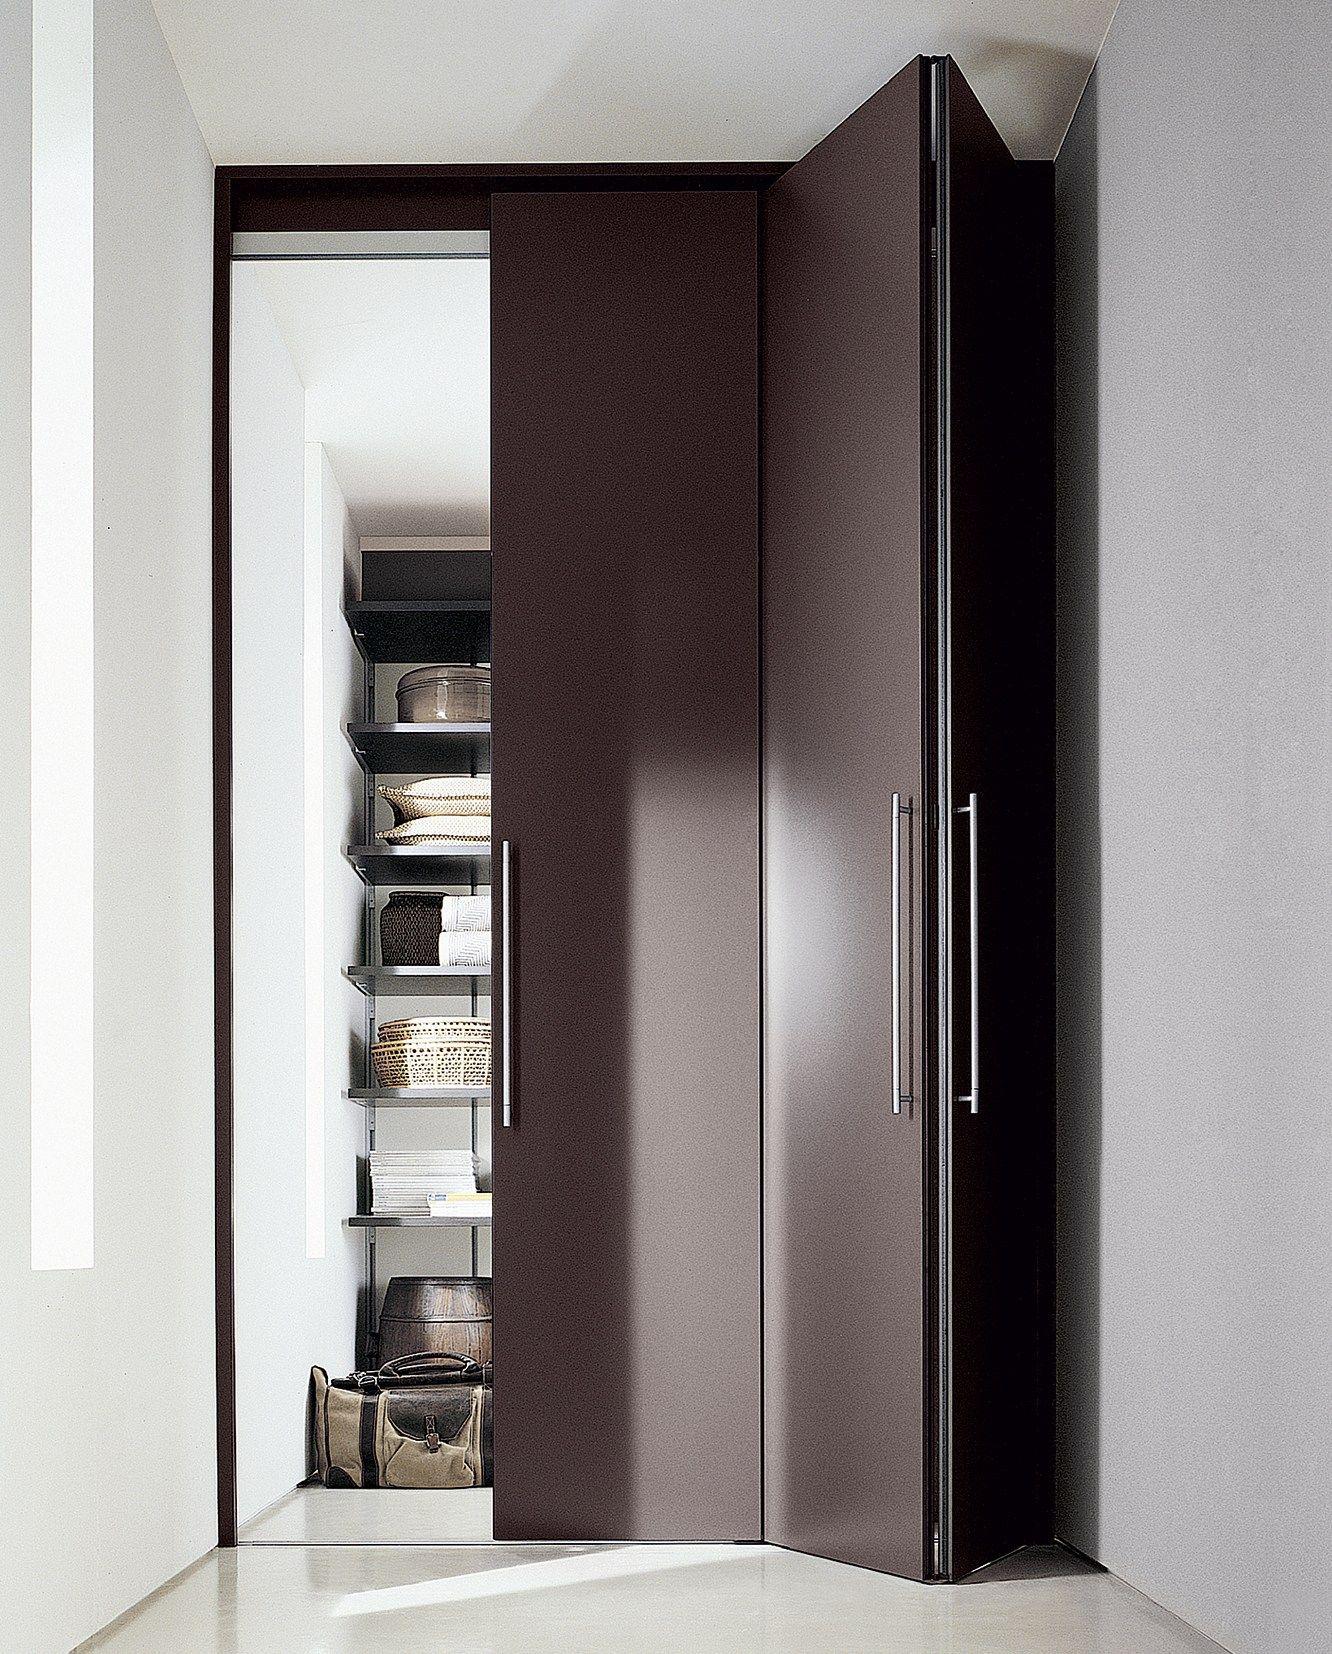 cloison amovible porte cloison pinterest cloison amovible cloisons et portes. Black Bedroom Furniture Sets. Home Design Ideas